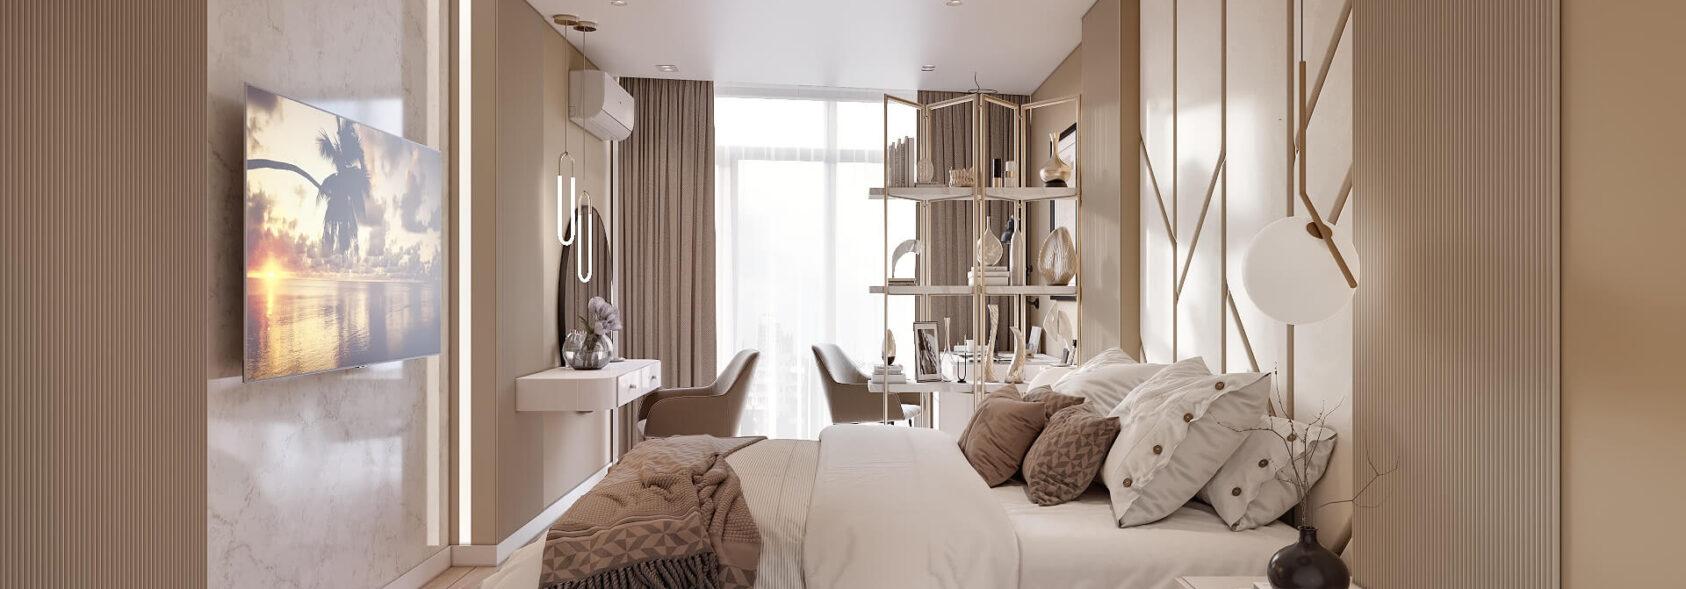 Дизайн двухэтажной квартиры интерьер спальни 1